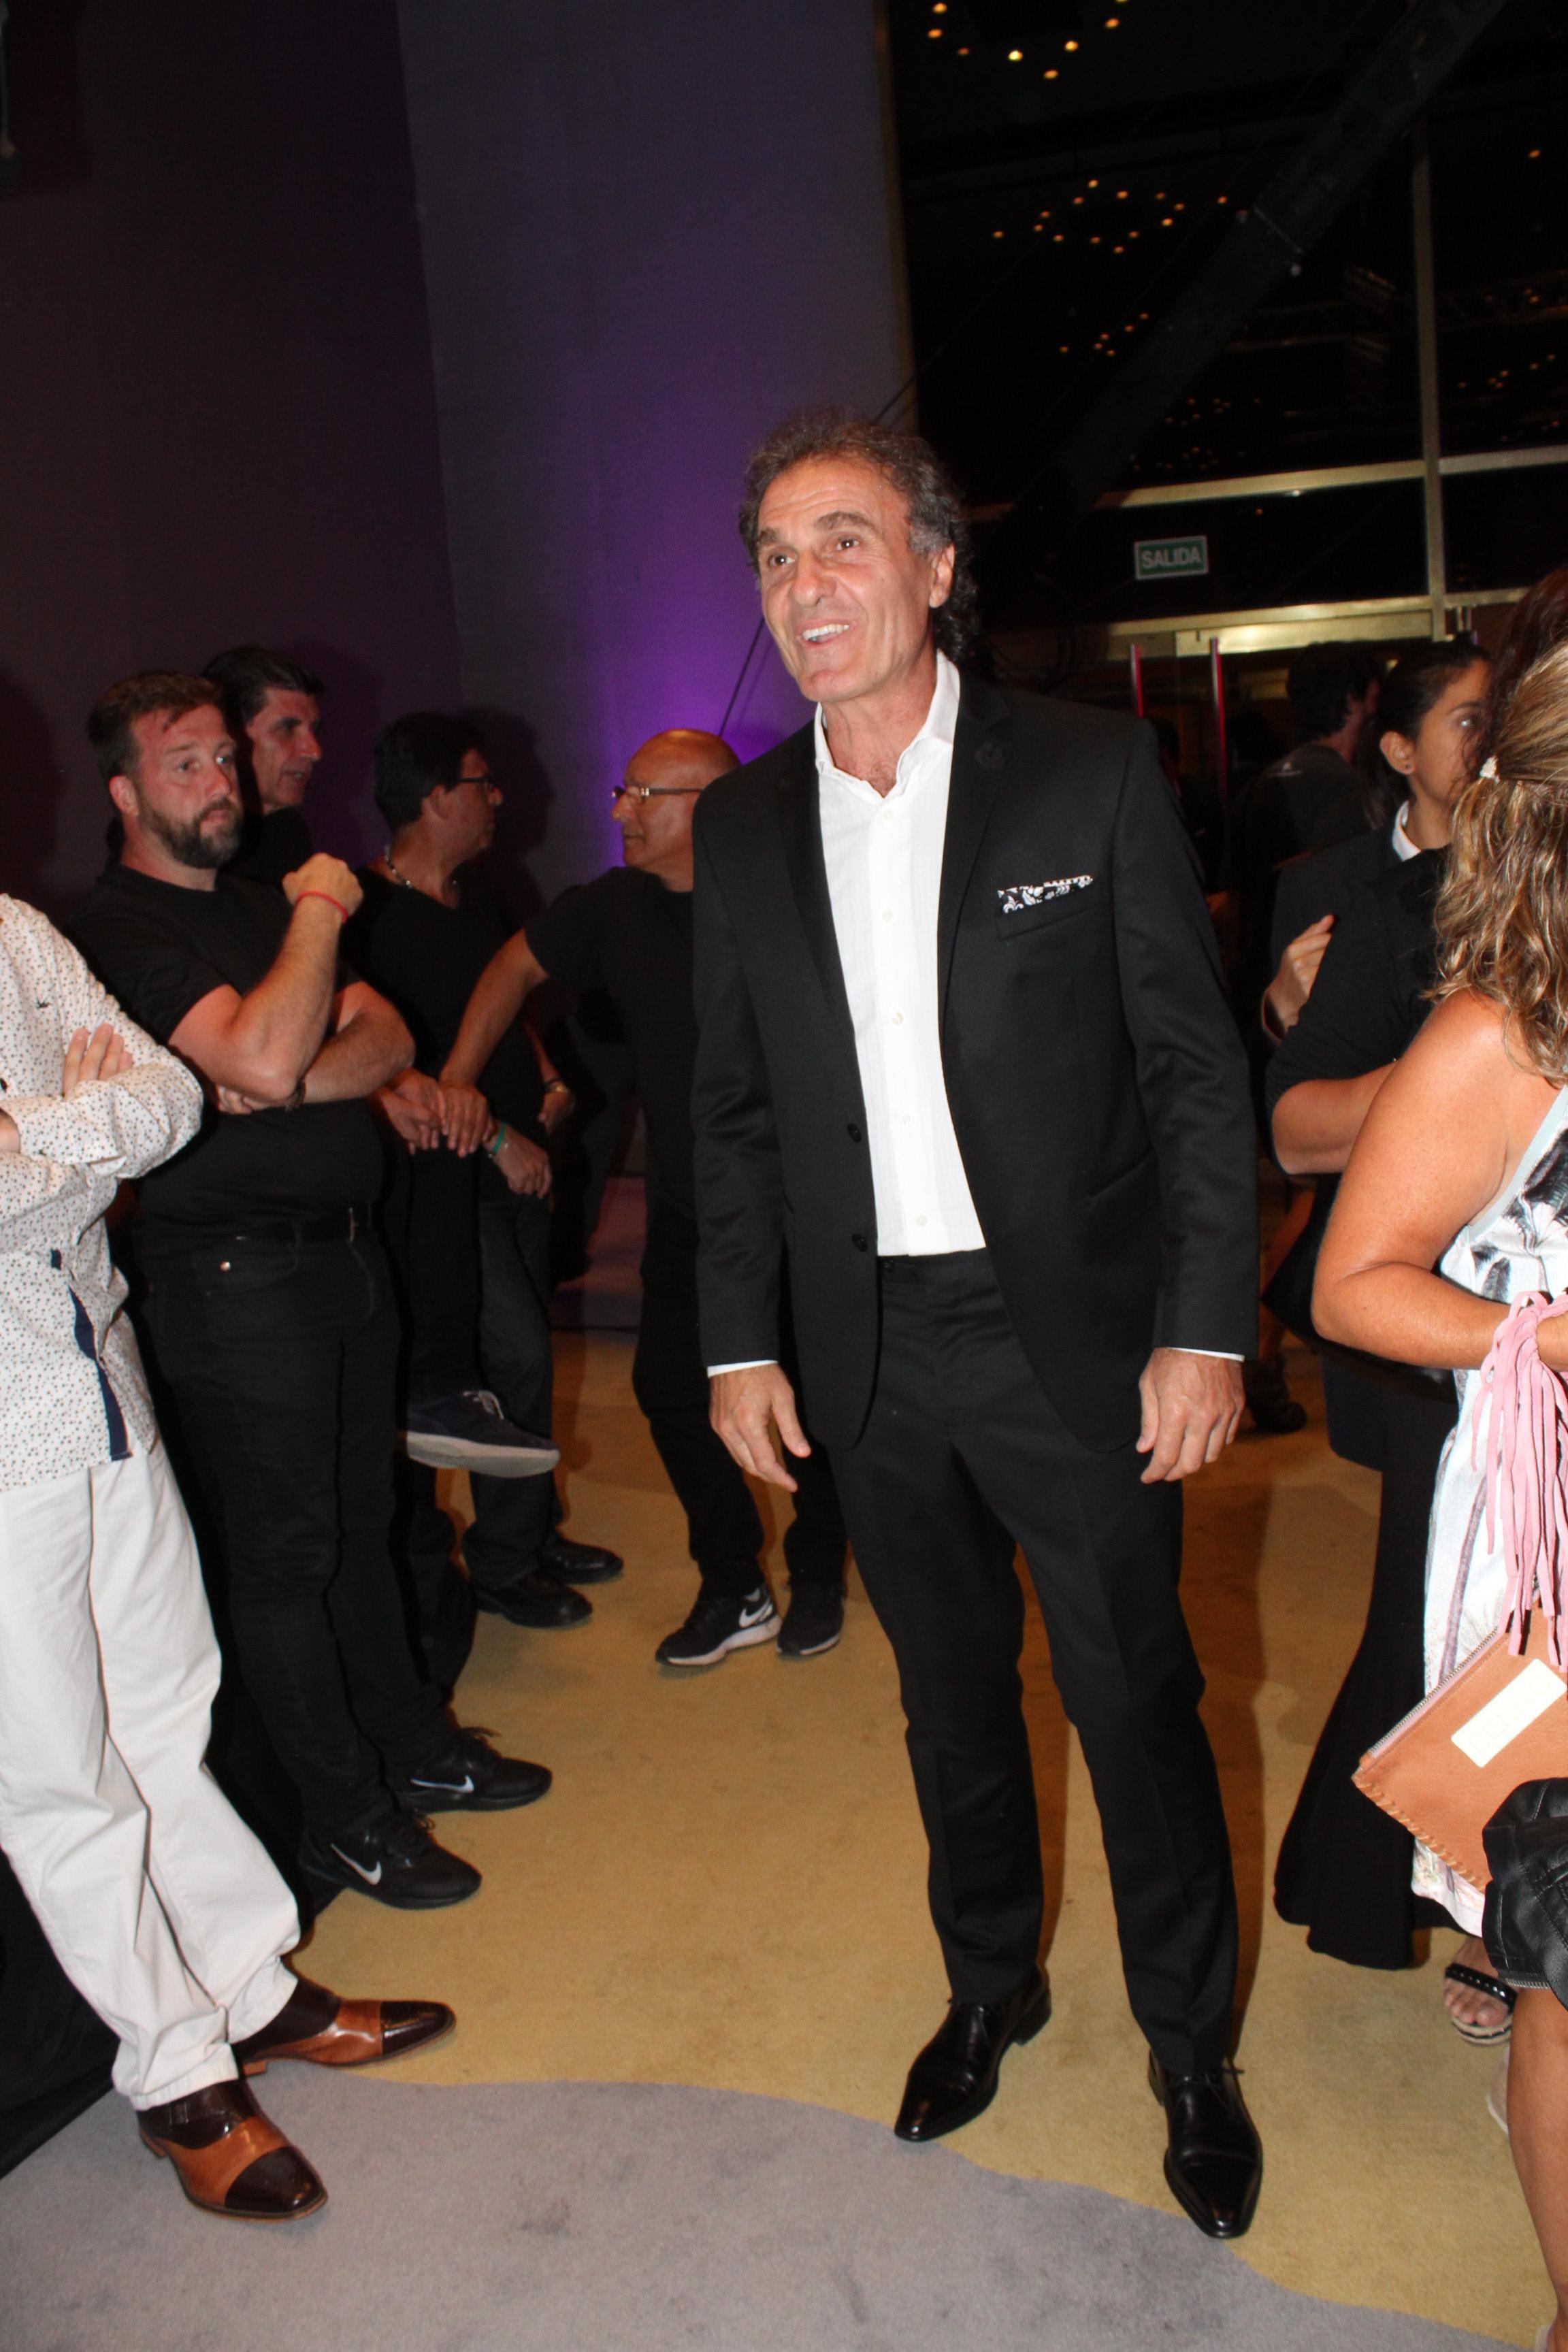 El ex futbolista Oscar Ruggeri disfruta del verano marplatense y no pierde oportunidad de presentarse en distintos encuentros sociales.